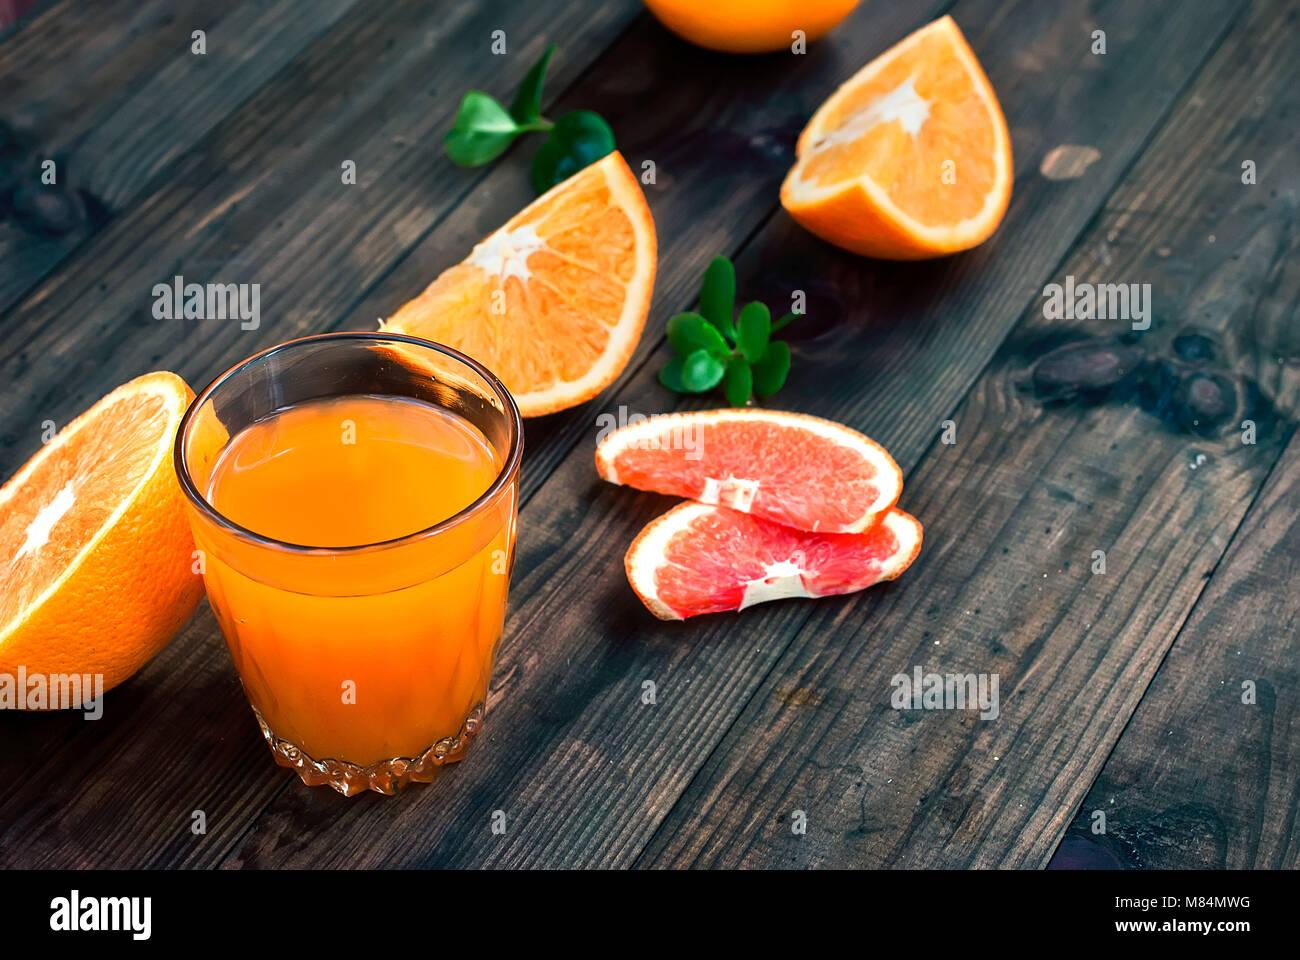 Vaso de jugo de naranja fresco, rodajas de naranja y todo el grupo en una mesa de madera oscura. Imagen De Stock